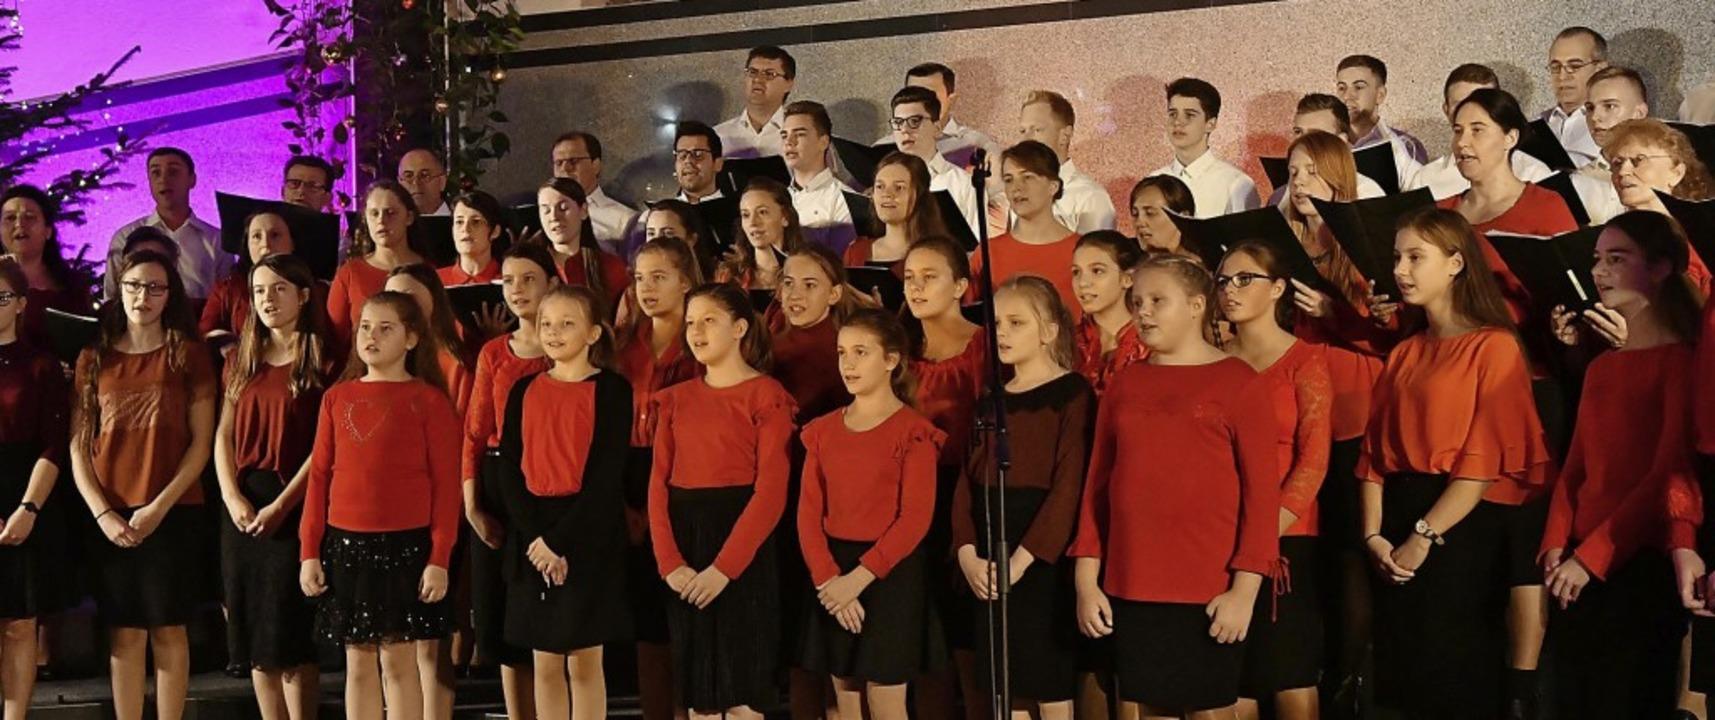 Der gemischte Chor  der Freien Evangeliums Christengemeinde Lahr und Trossingen   | Foto: wolfgang künstle